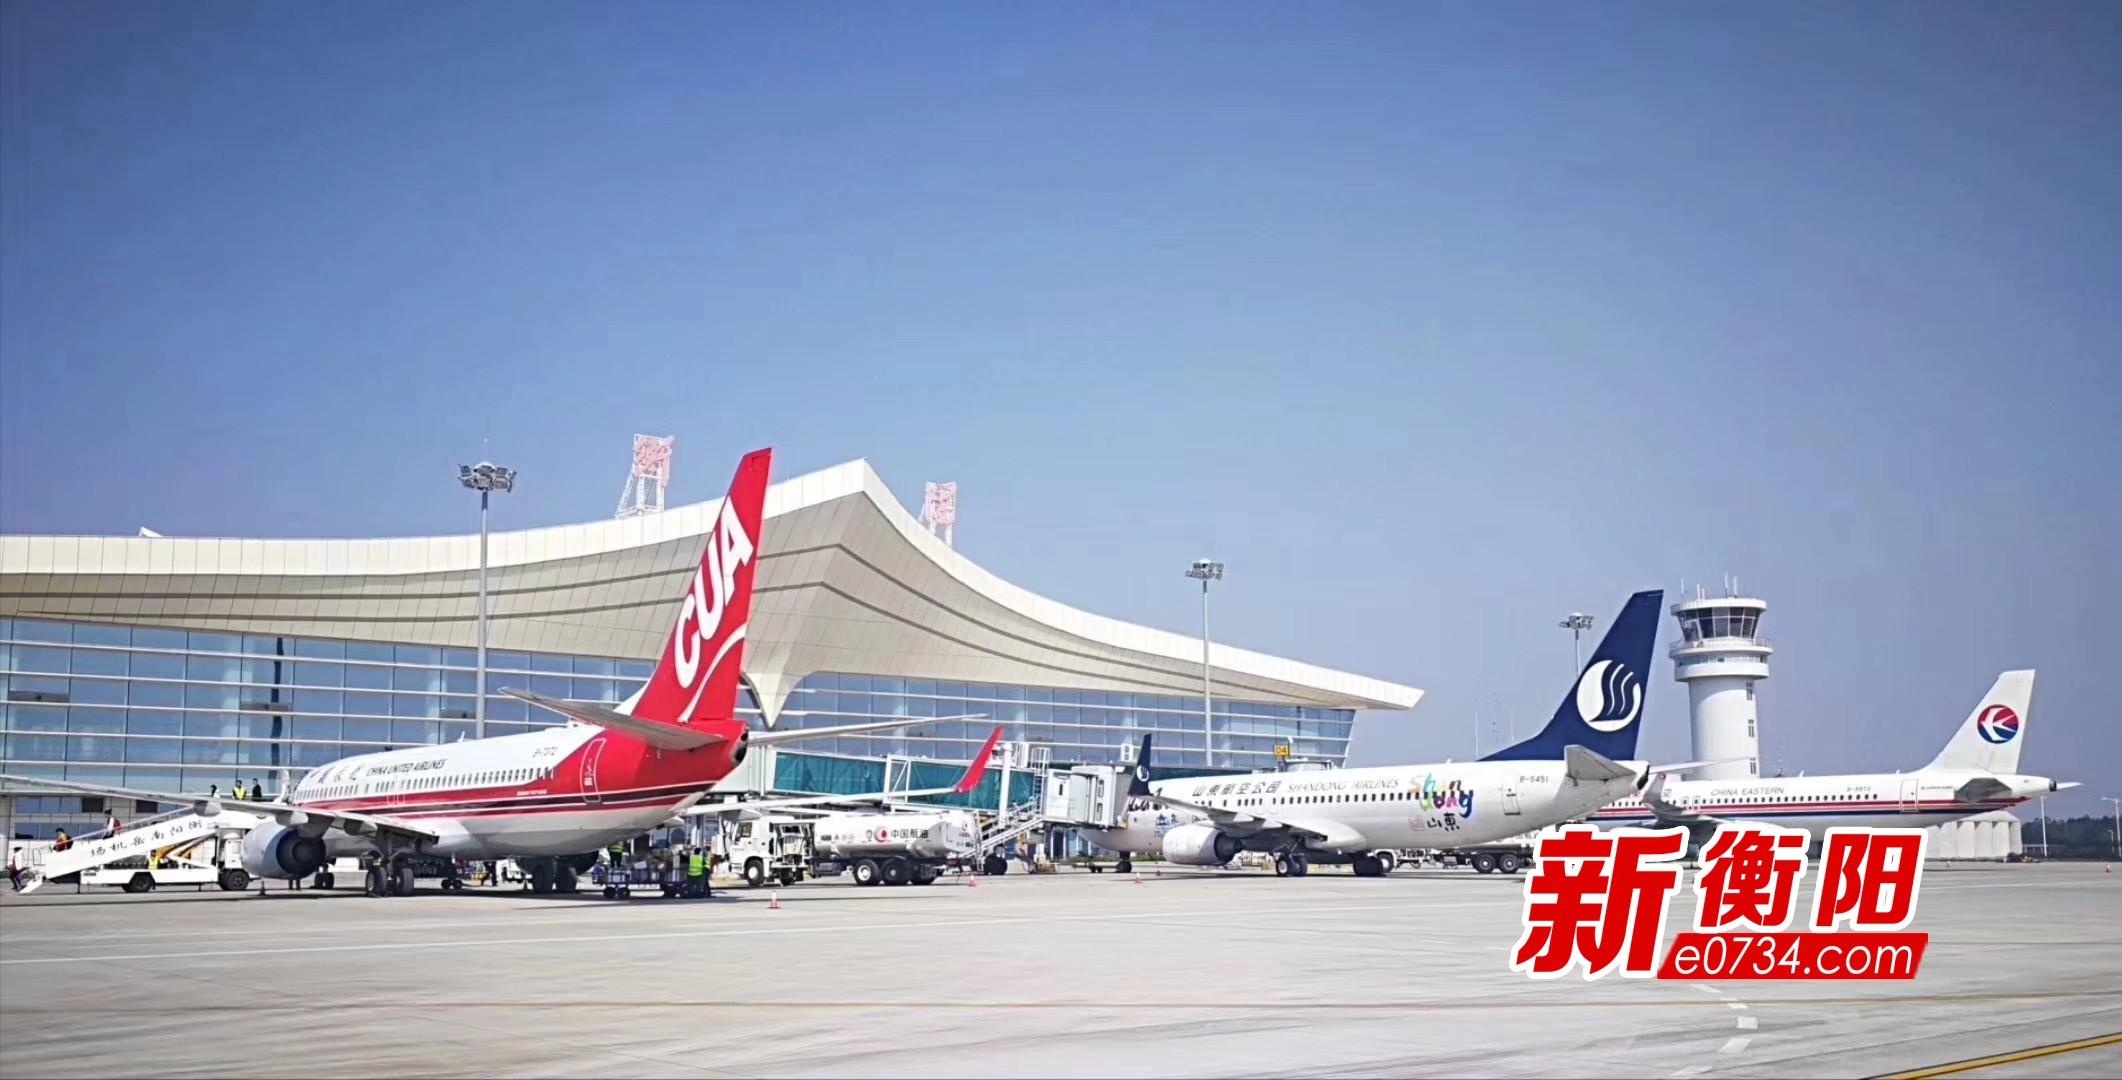 南岳机场上半年运送旅客51万人次 年内有望破百万